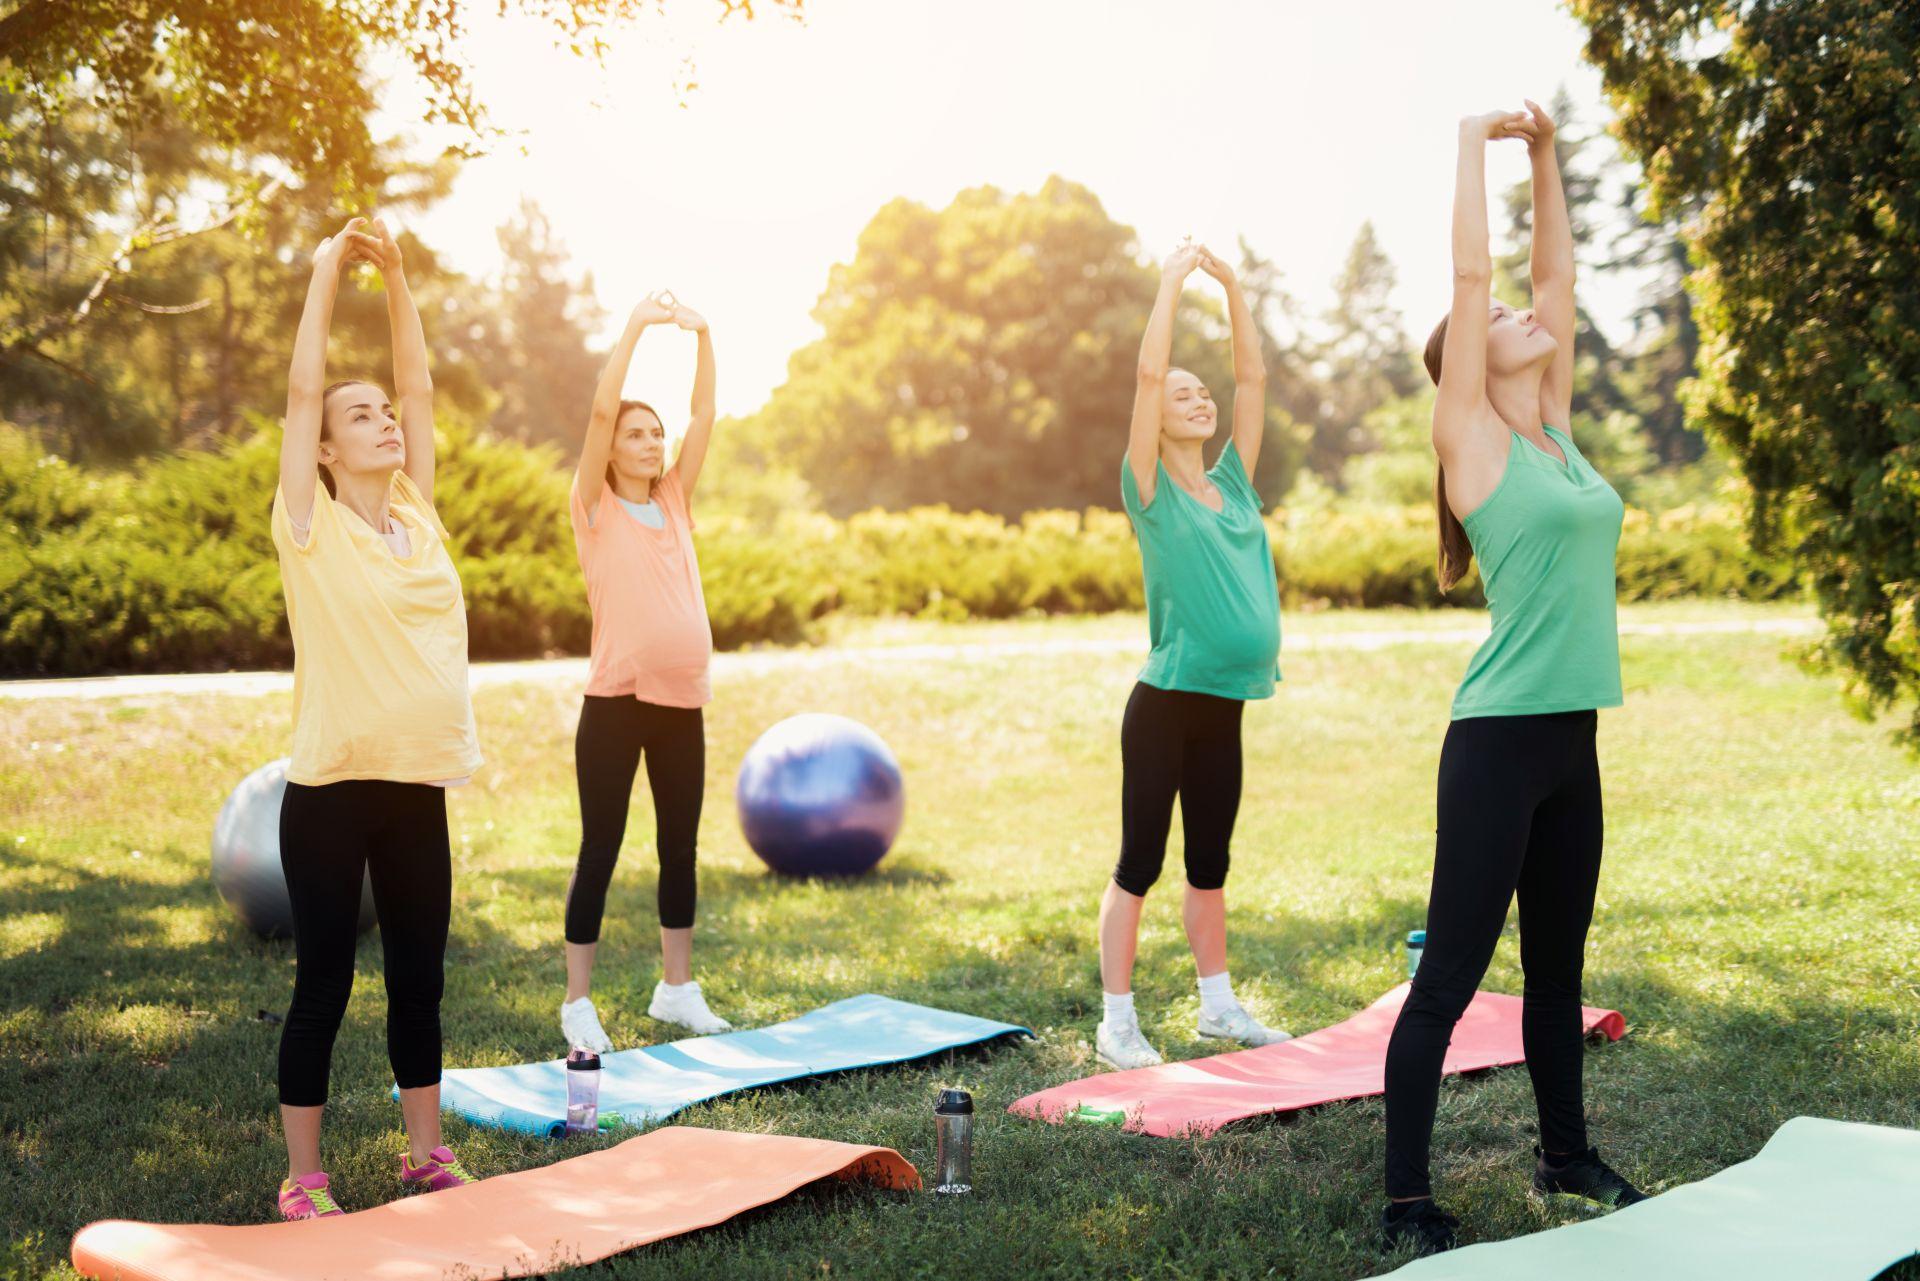 Yoga é uma prática de menos impacto, ideal para os últimos meses de gestação. Foto: Bigstock.